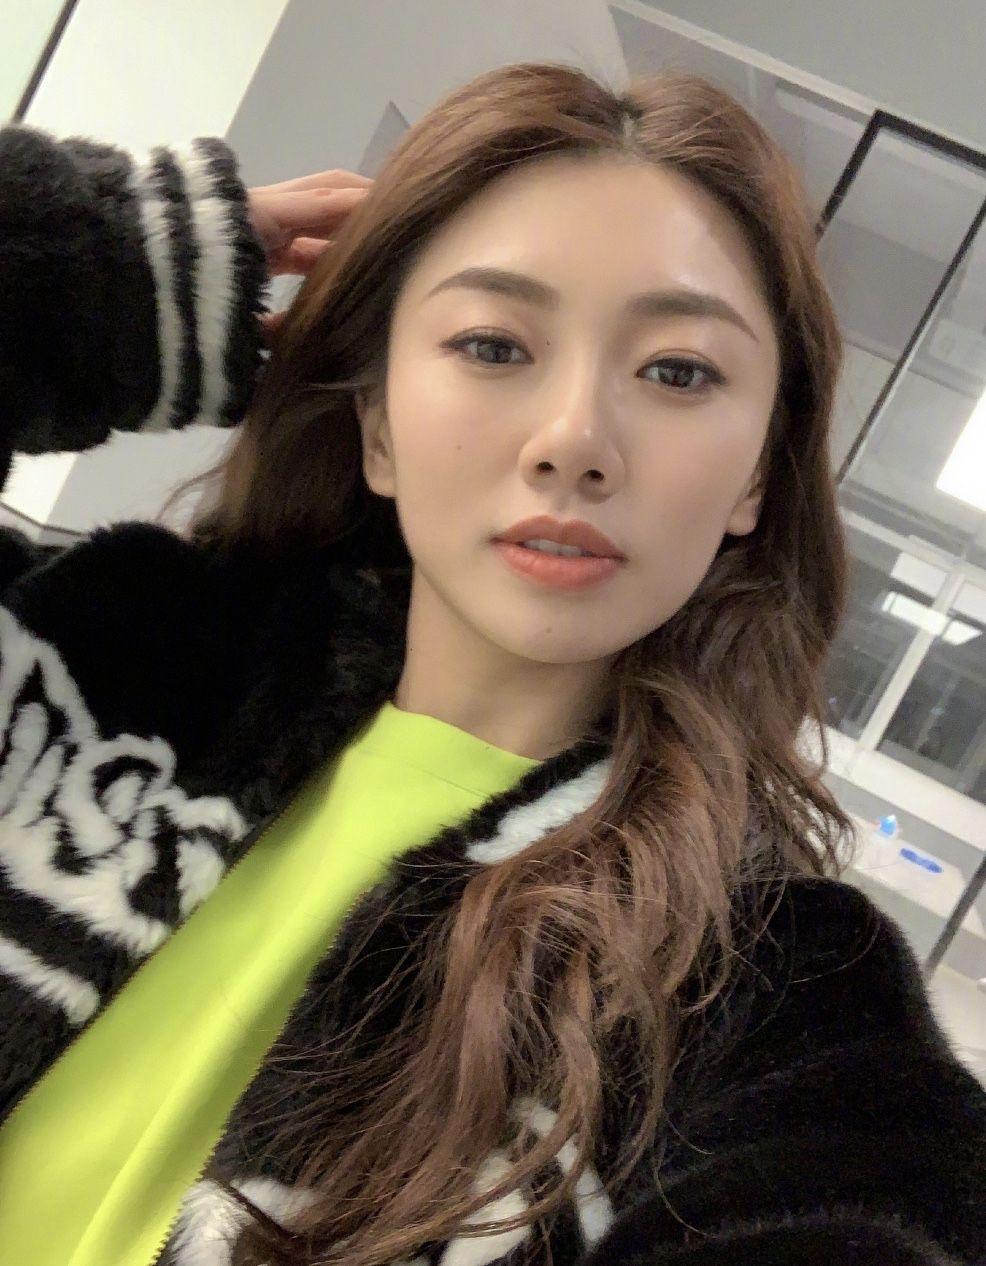 郑恺前女友程晓玥晒照,穿荧光绿套装扎苹果头减龄